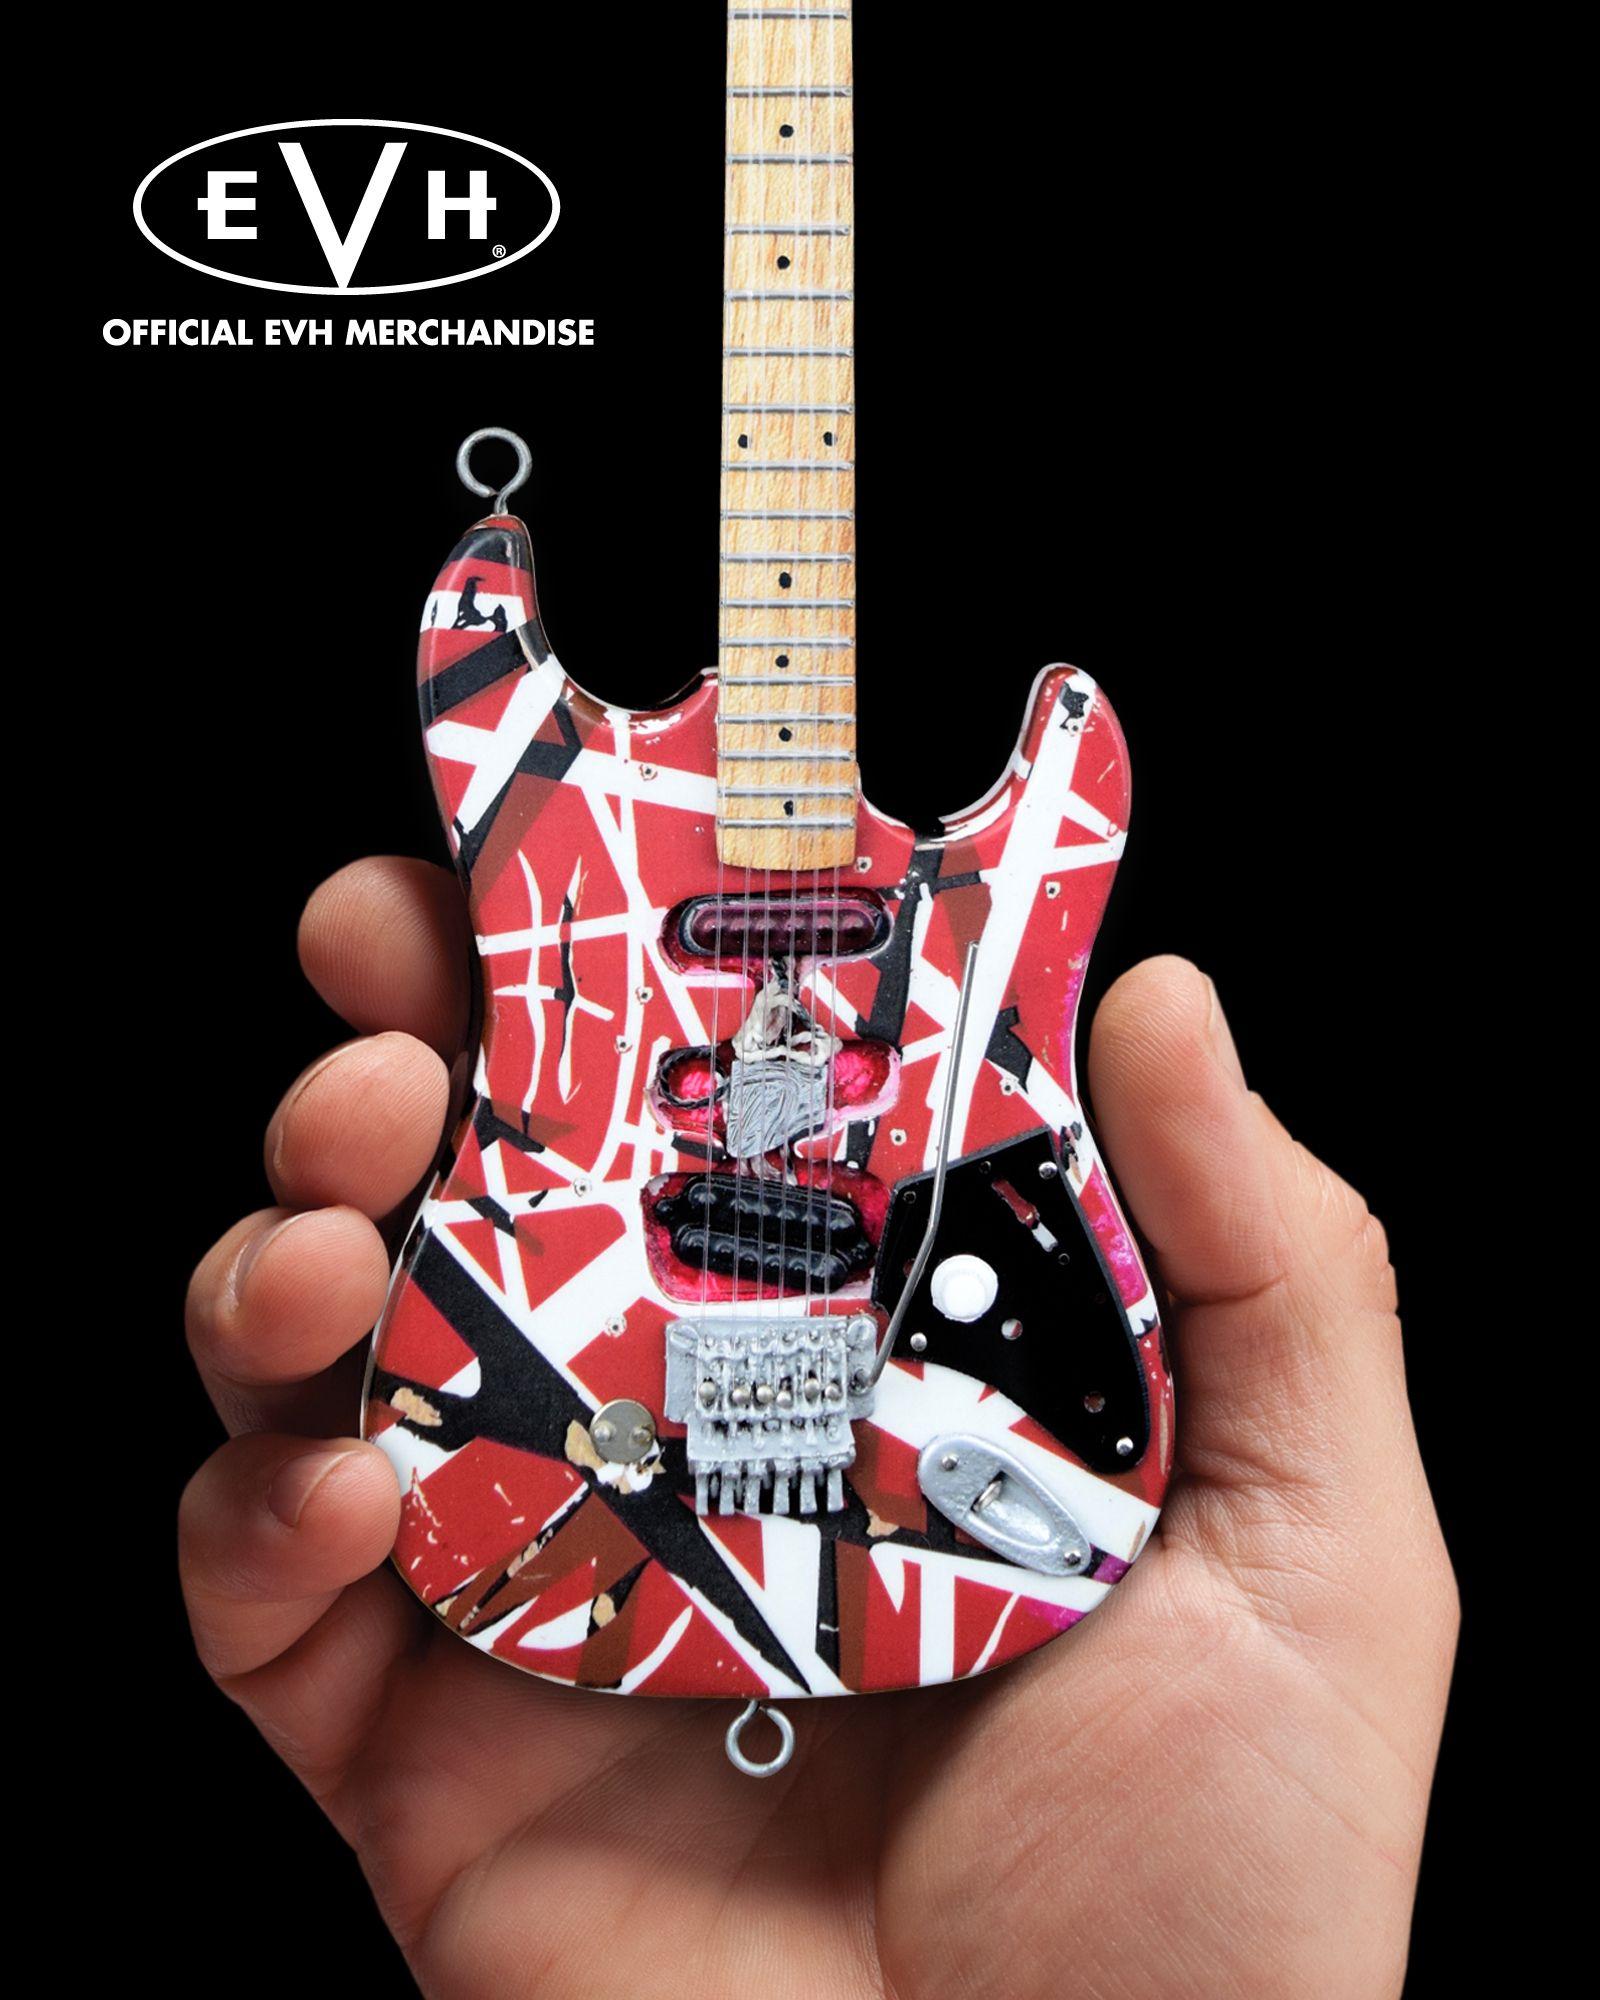 Evh Frankenstein Eddie Van Halen Mini Guitar Replica Collectible Officially Licensed Van Halen Eddie Van Halen Guitar